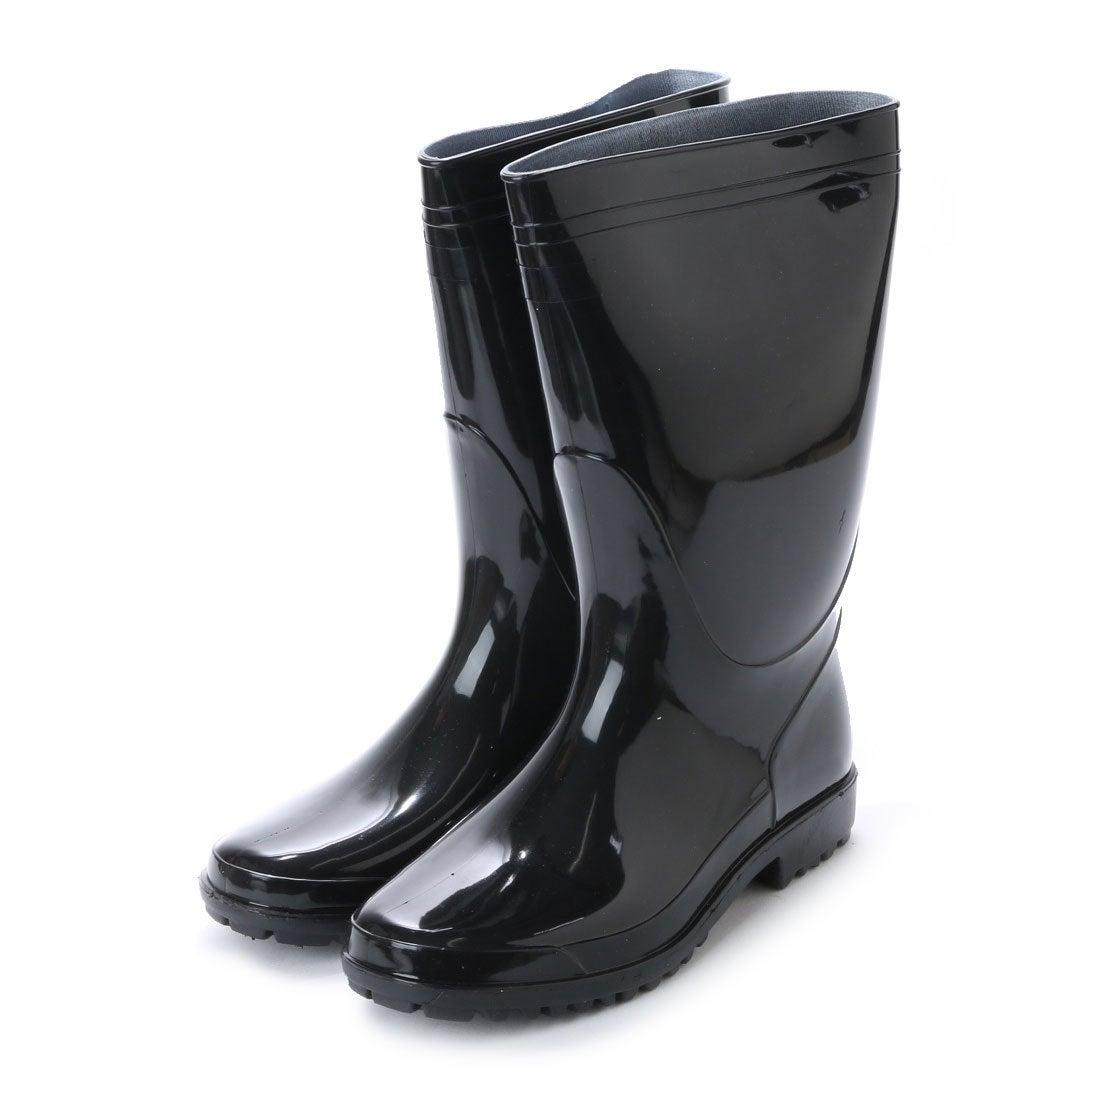 ケーズプラス K's PLUS 軽半長靴 軽作業用 黒 長靴・kp_16049 (BLACK)